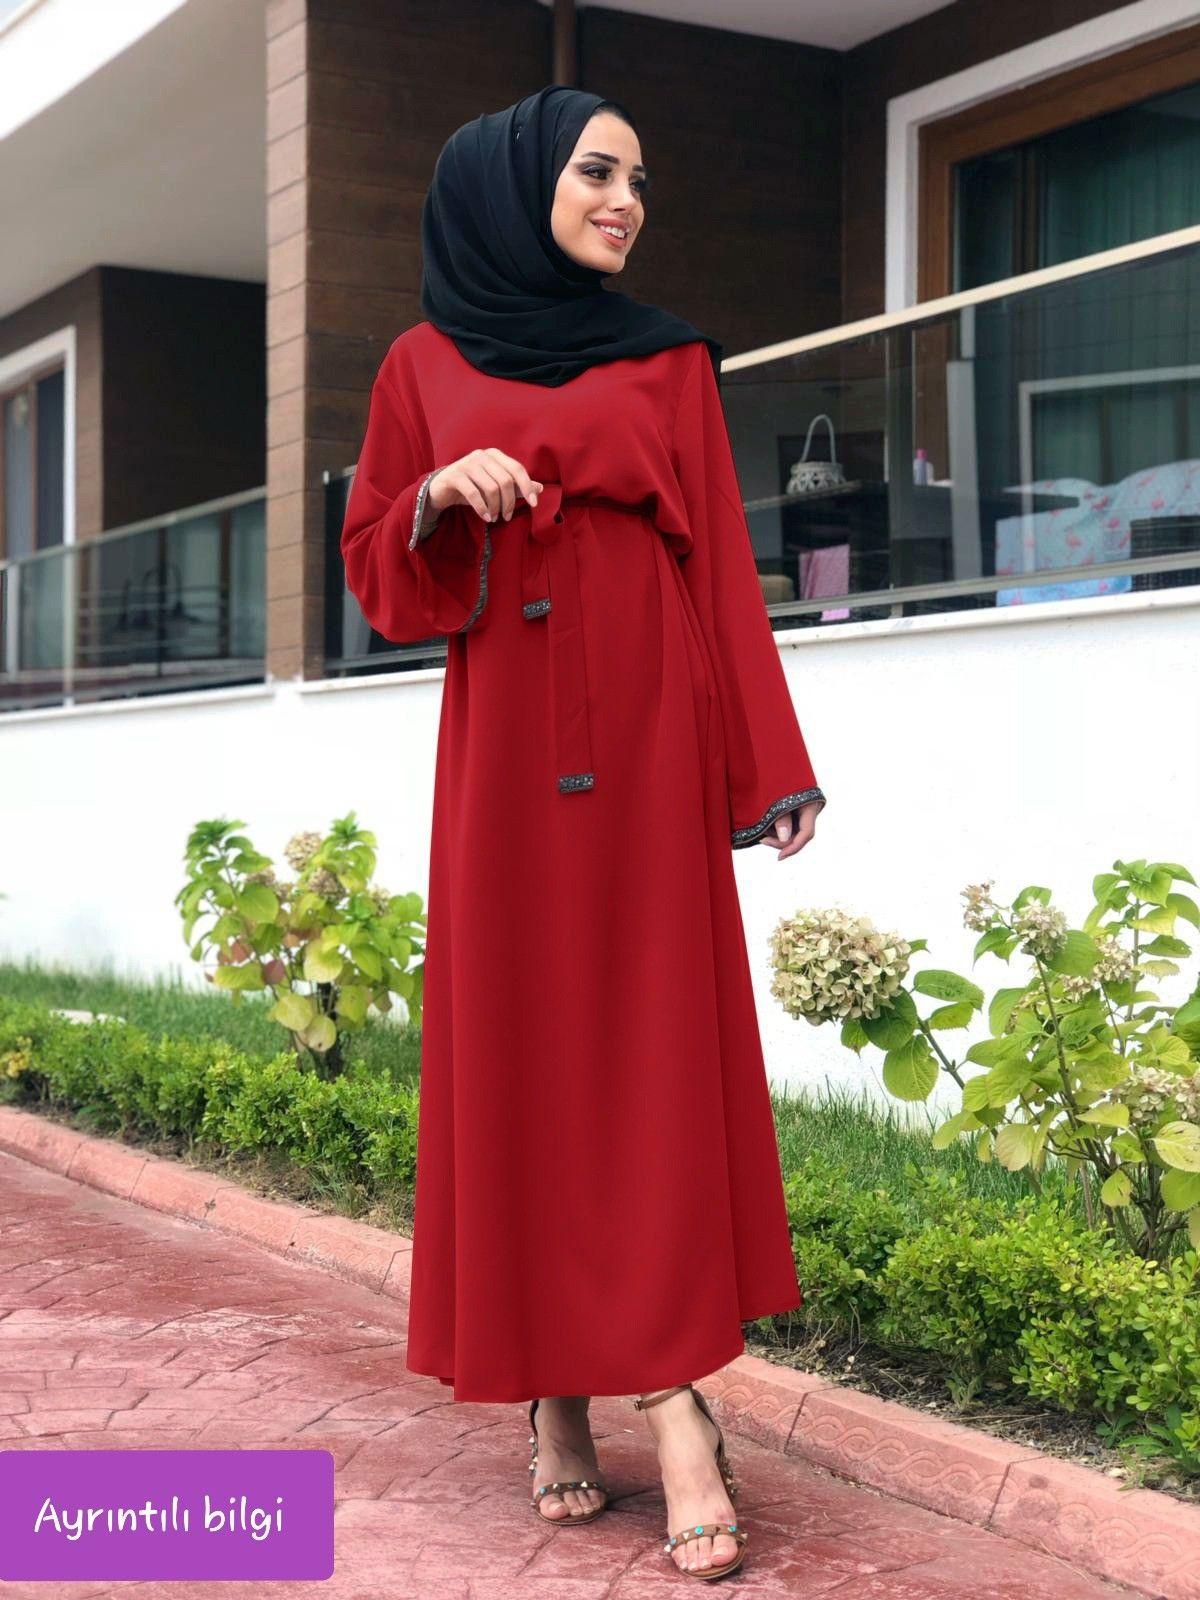 Tessettur Tesettur Moda Istanbul Turkiye Kiyafet Butik Giyim Tarz Tessettur Tesettur Modatesettur Elbise Kiyafet Moda Stilleri Elbise Islami Moda